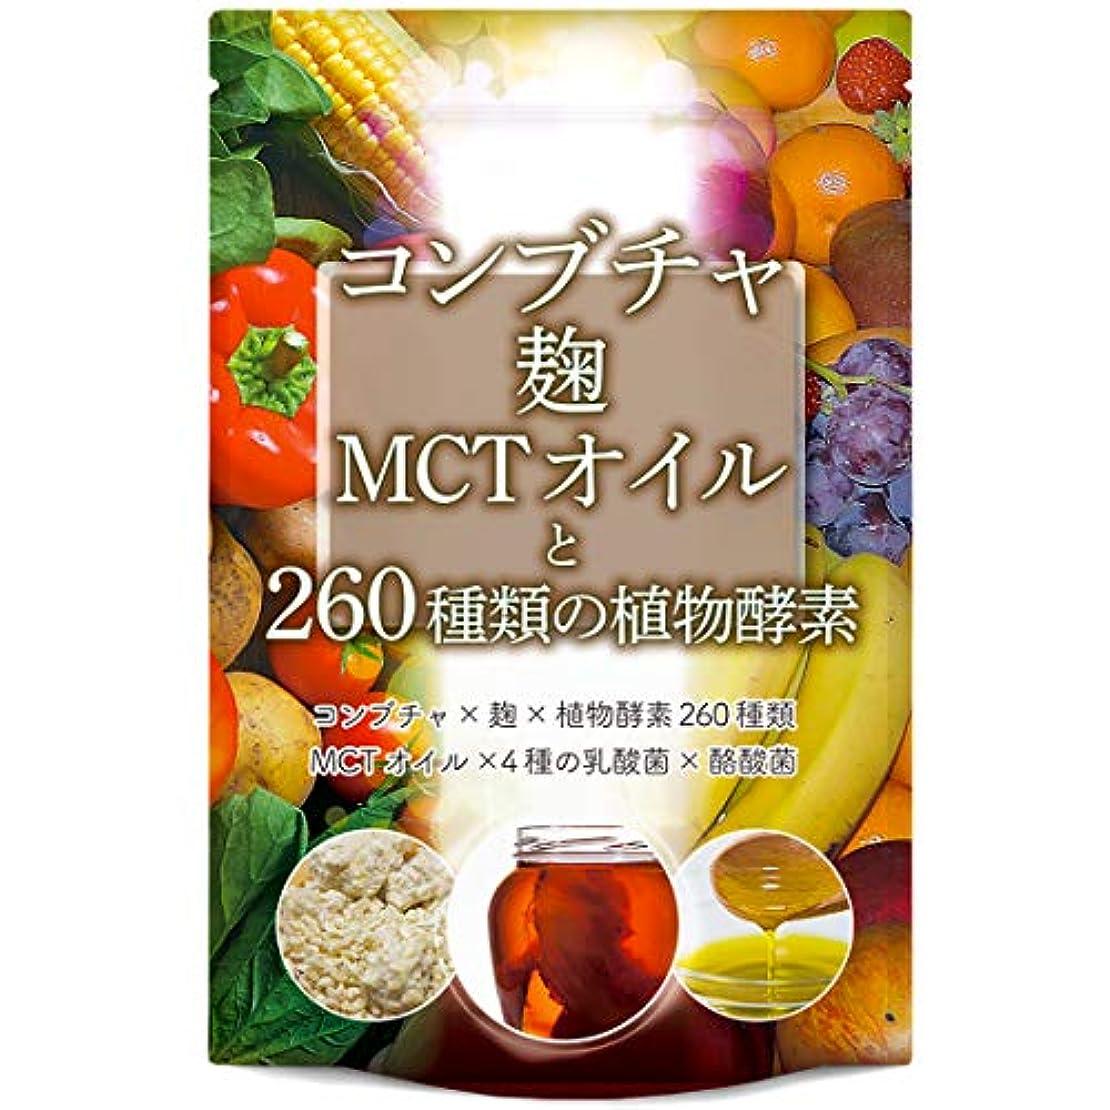 ピークくびれた爆弾コンブチャ 麹 MCTオイル 260種類の植物酵素 ダイエット サプリメント 30粒 30日分